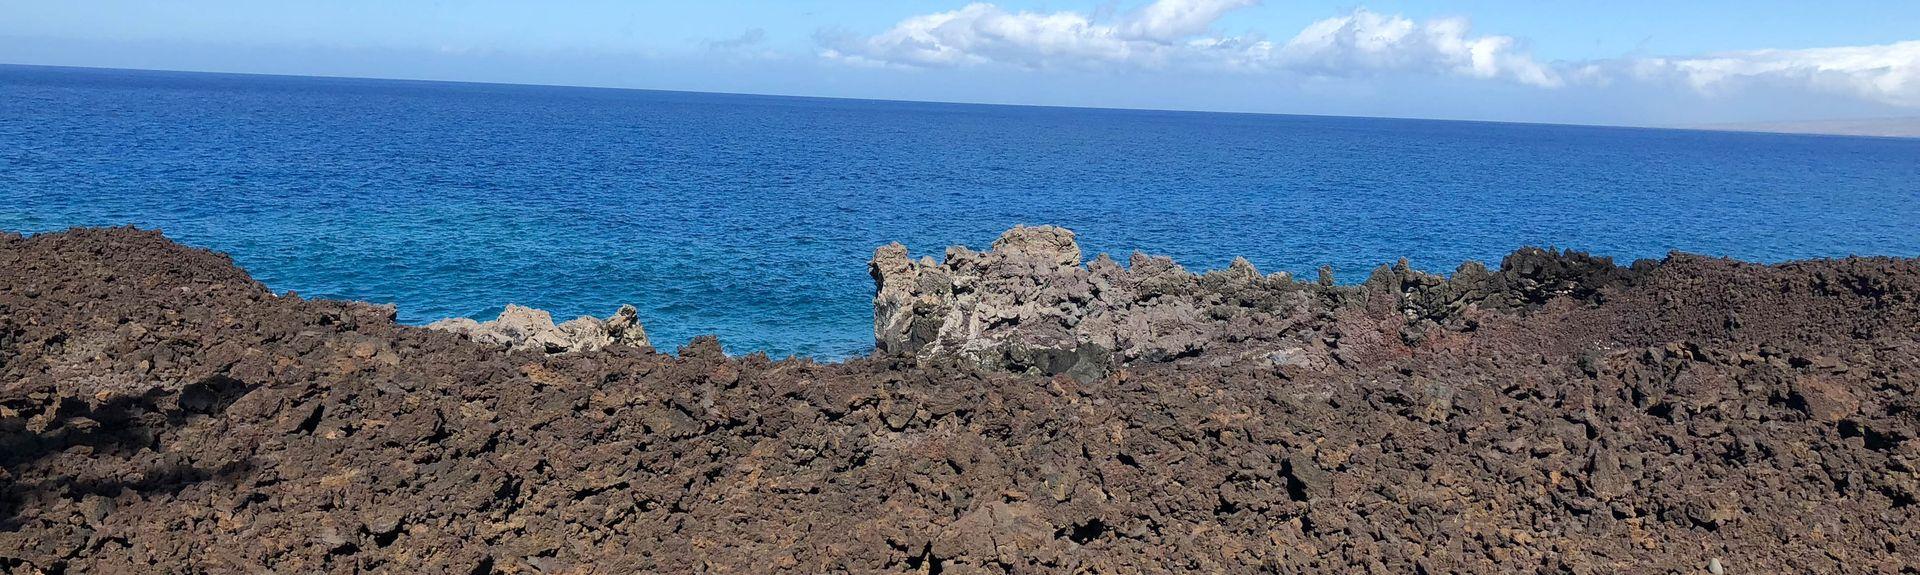 Mauna Loa Shores, Hilo, HI, USA